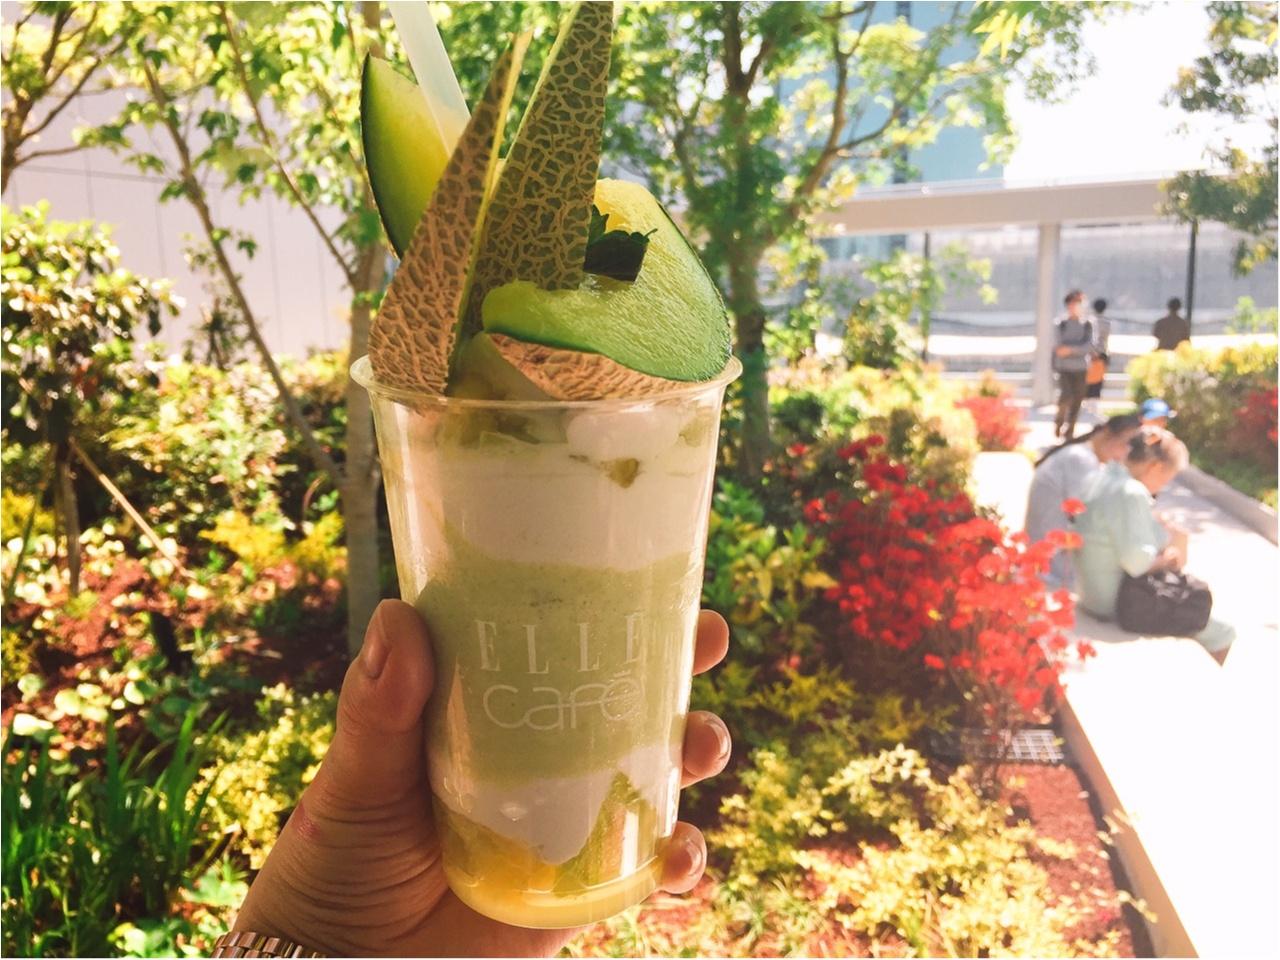 【GINZASIXの楽しみかた】ELLEcafeのスムージーボンボンをこう撮って食べて楽しむ!!_2